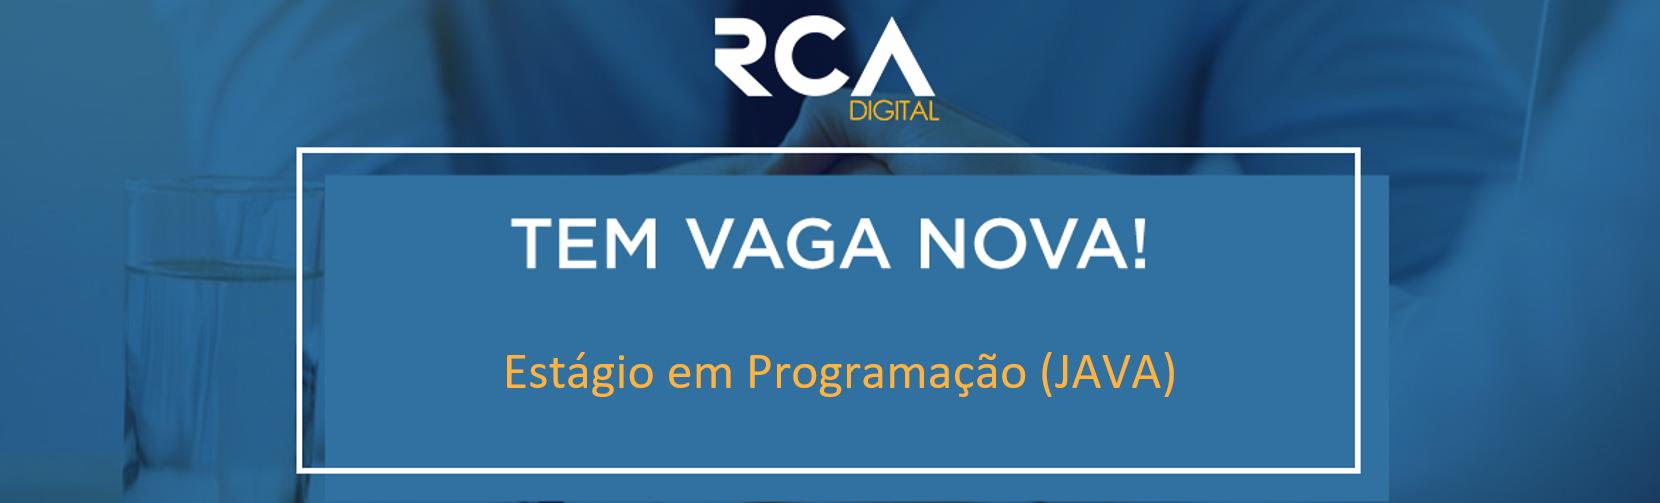 [RCA] - Estágio em Programação (JAVA)